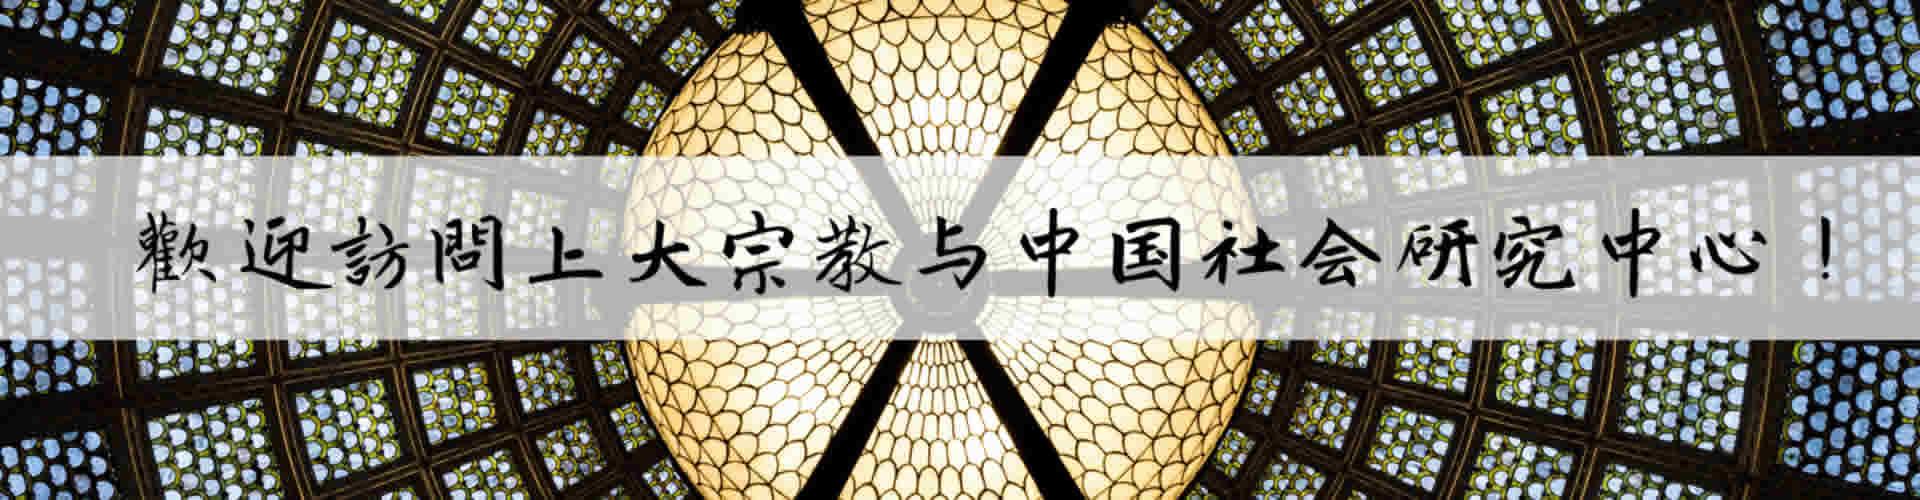 上海大学宗教与中国社会研究中心